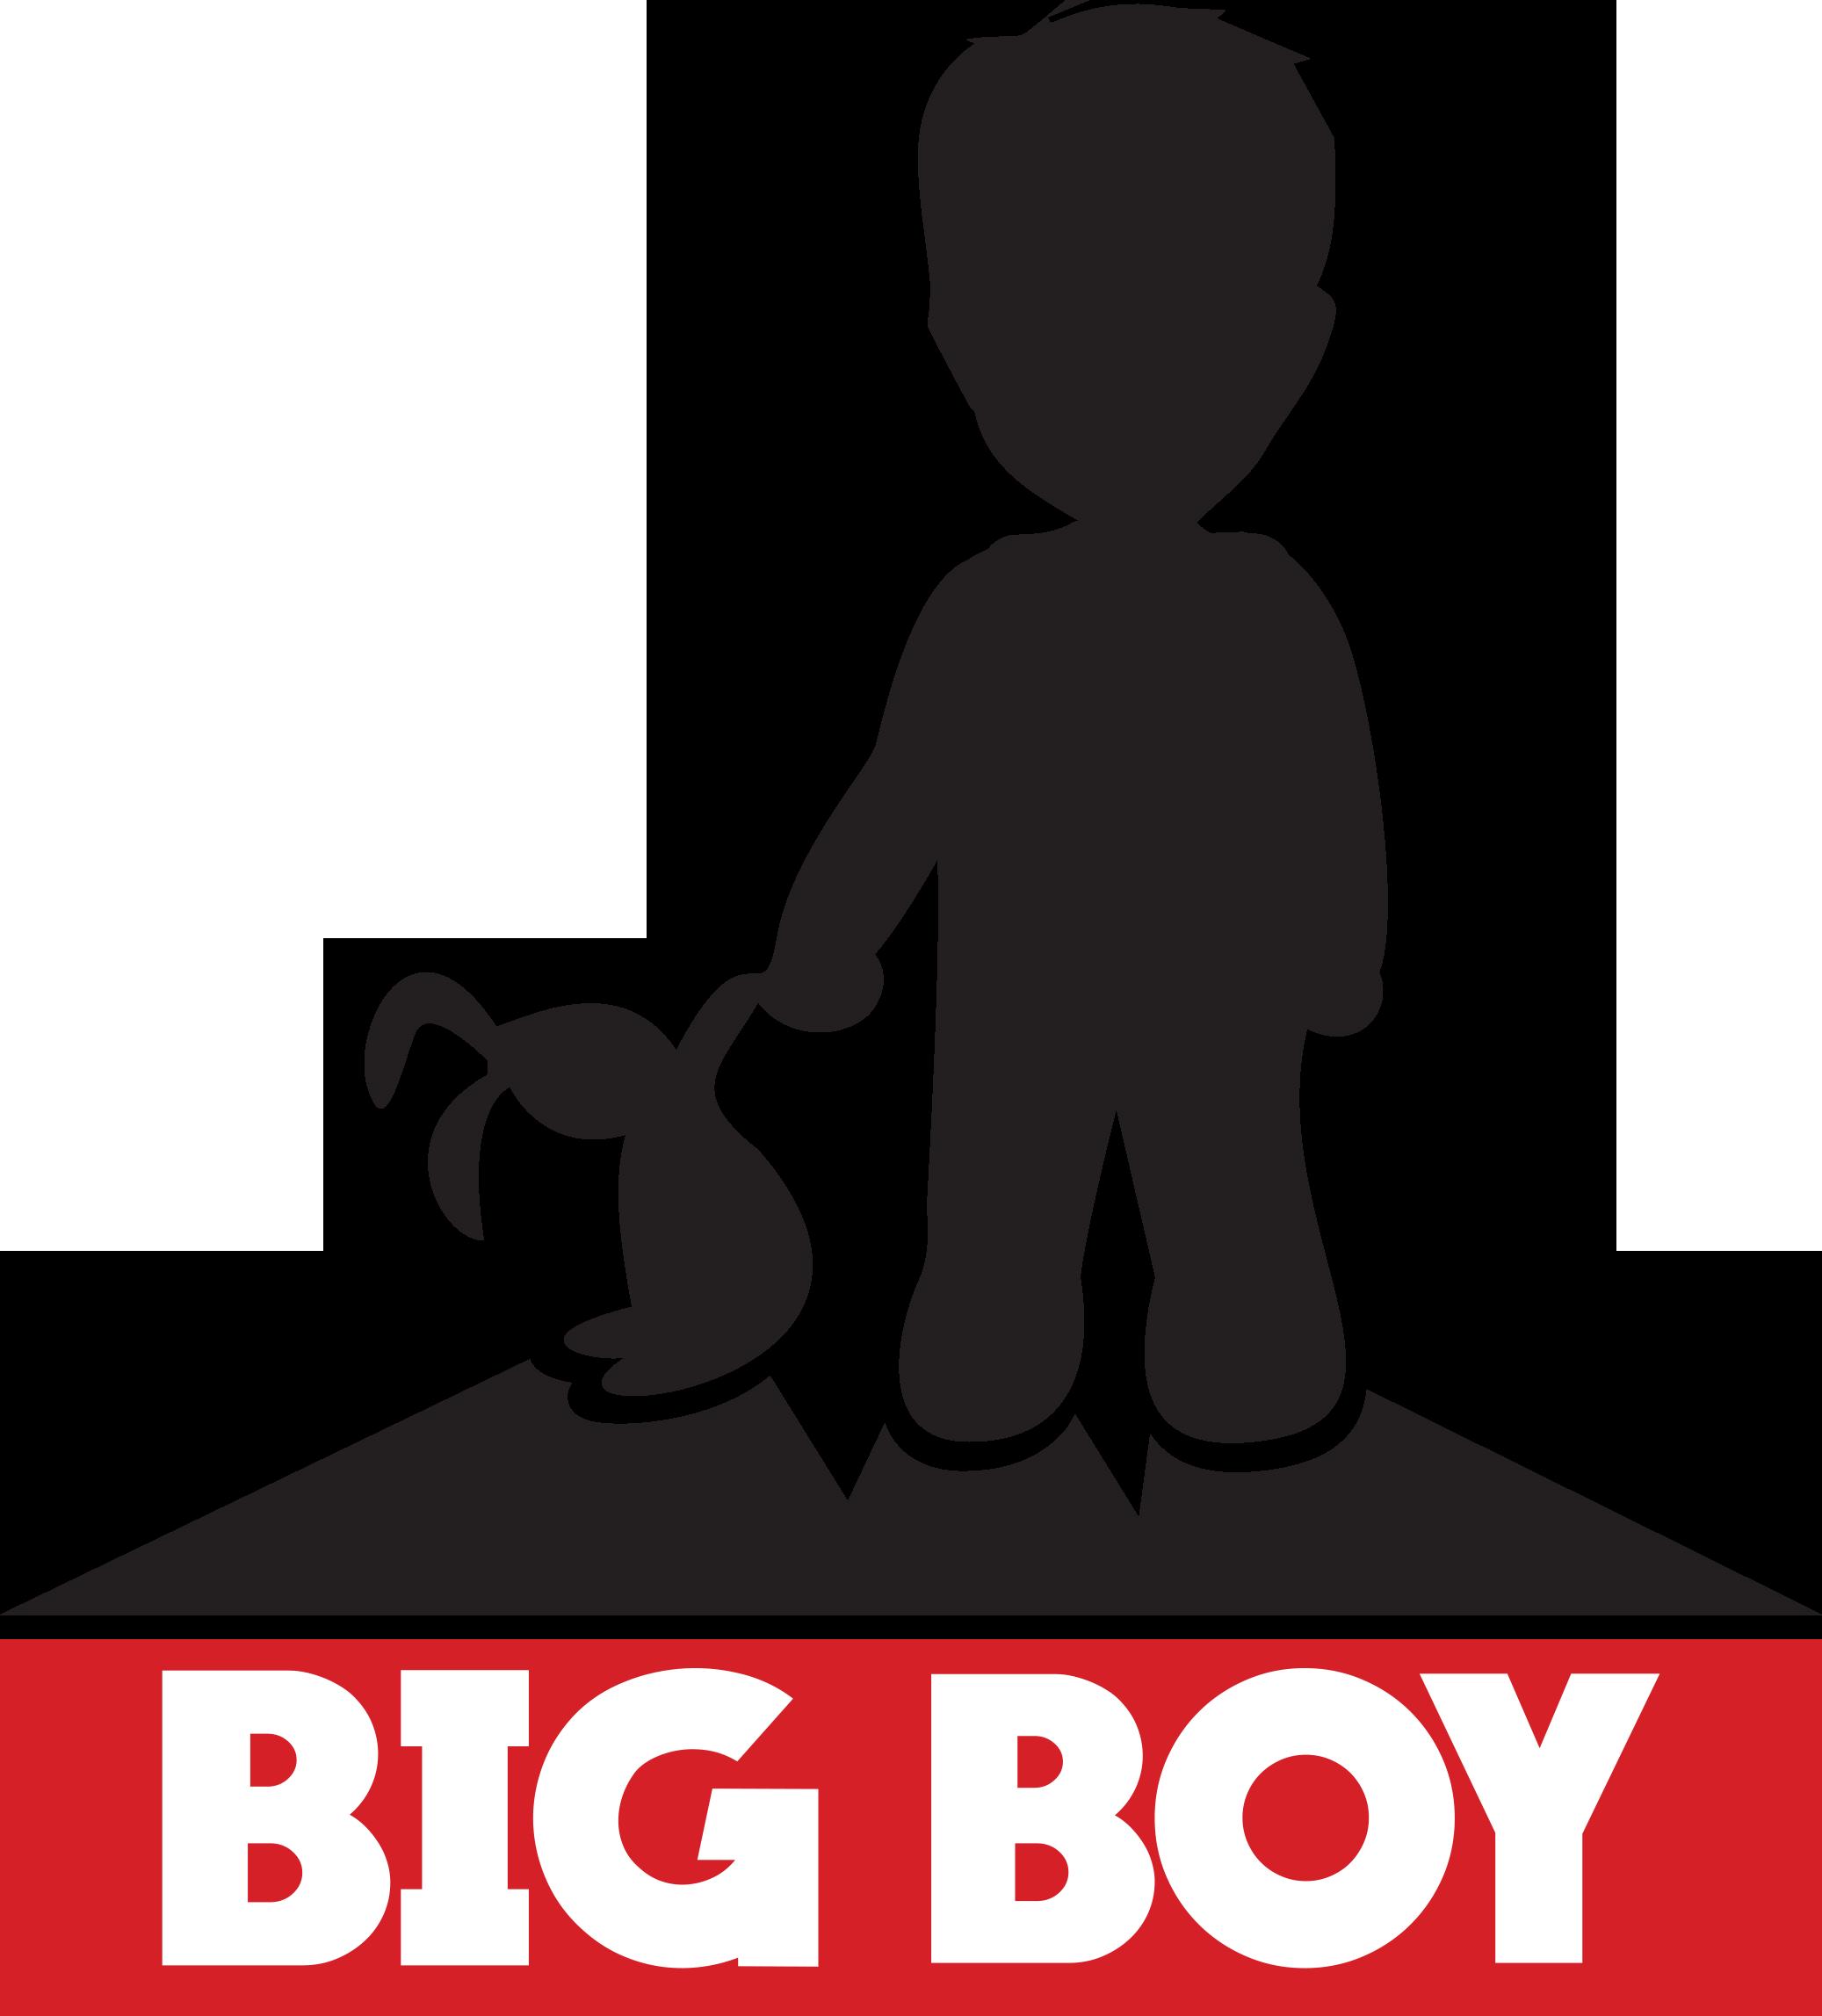 arachis s.r.o. (Big Boy) – Obchodiště.cz